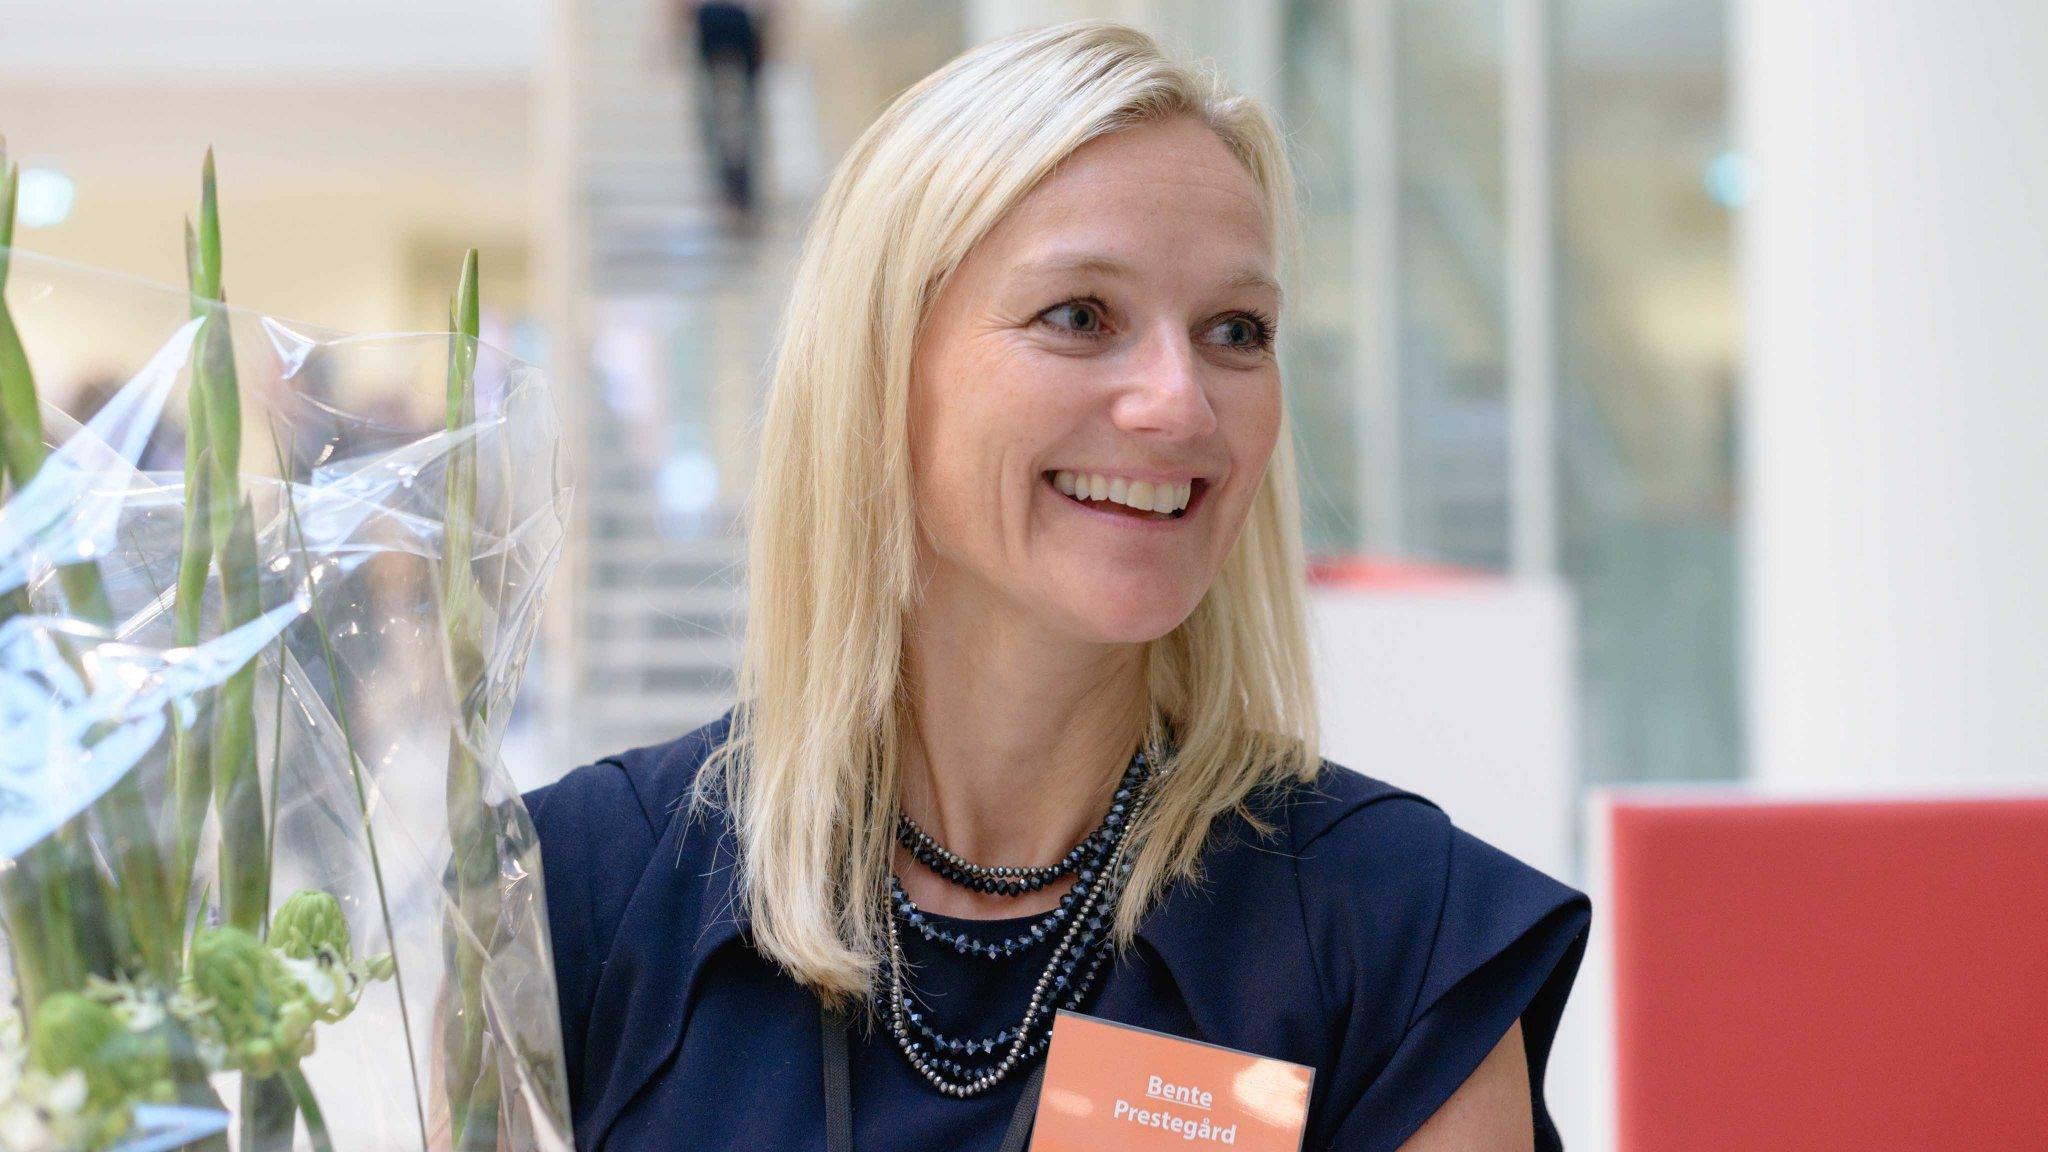 Bente Prestegård, Project Manager, Oslo Cancer Cluster